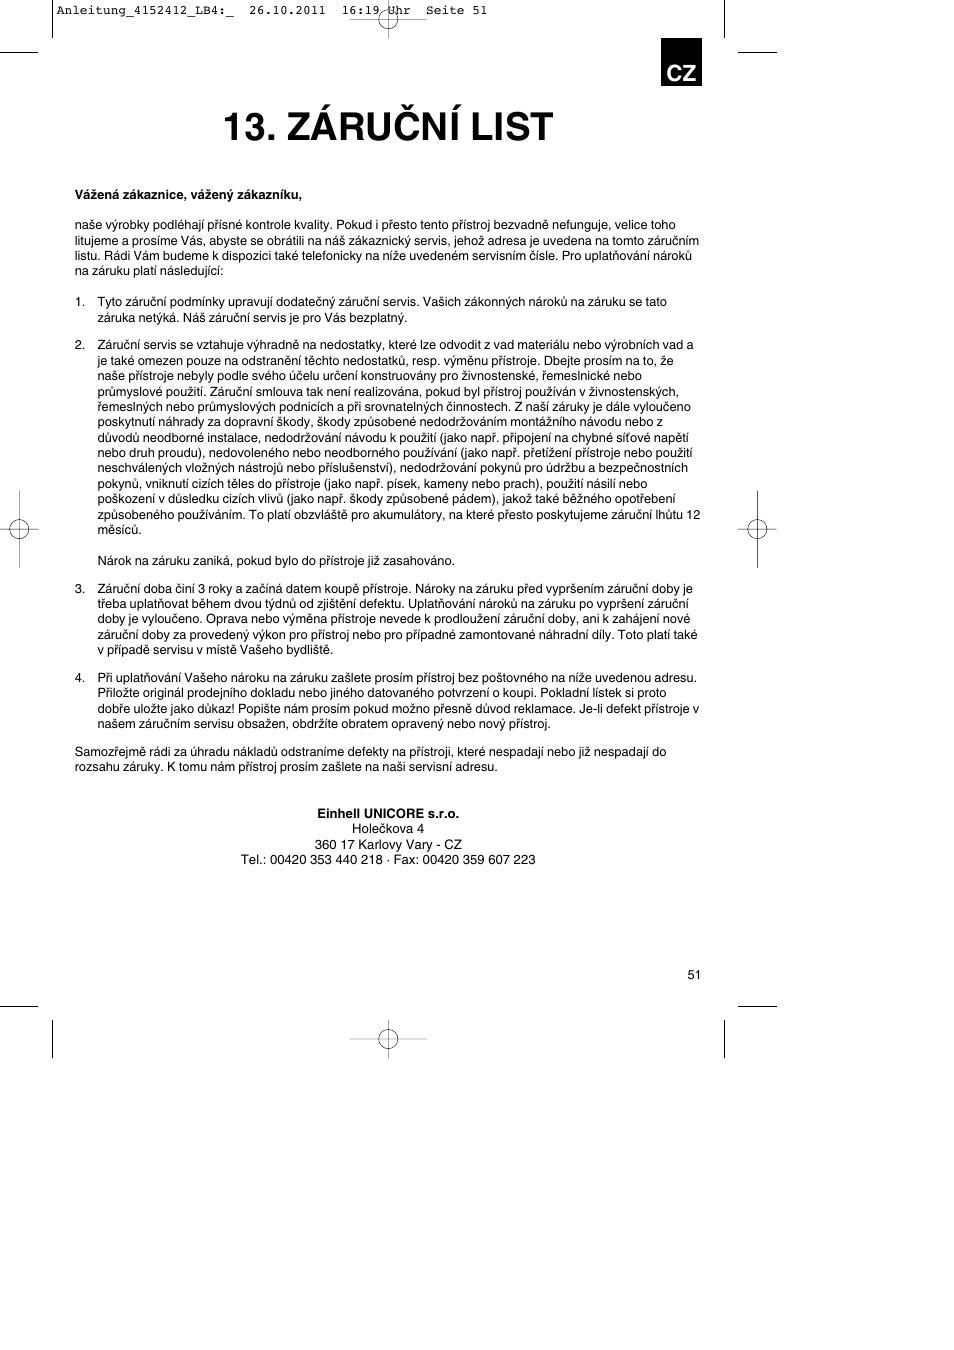 Záruční list   Parkside PSE 2800 A1 User Manual   Page 51 / 88 ...